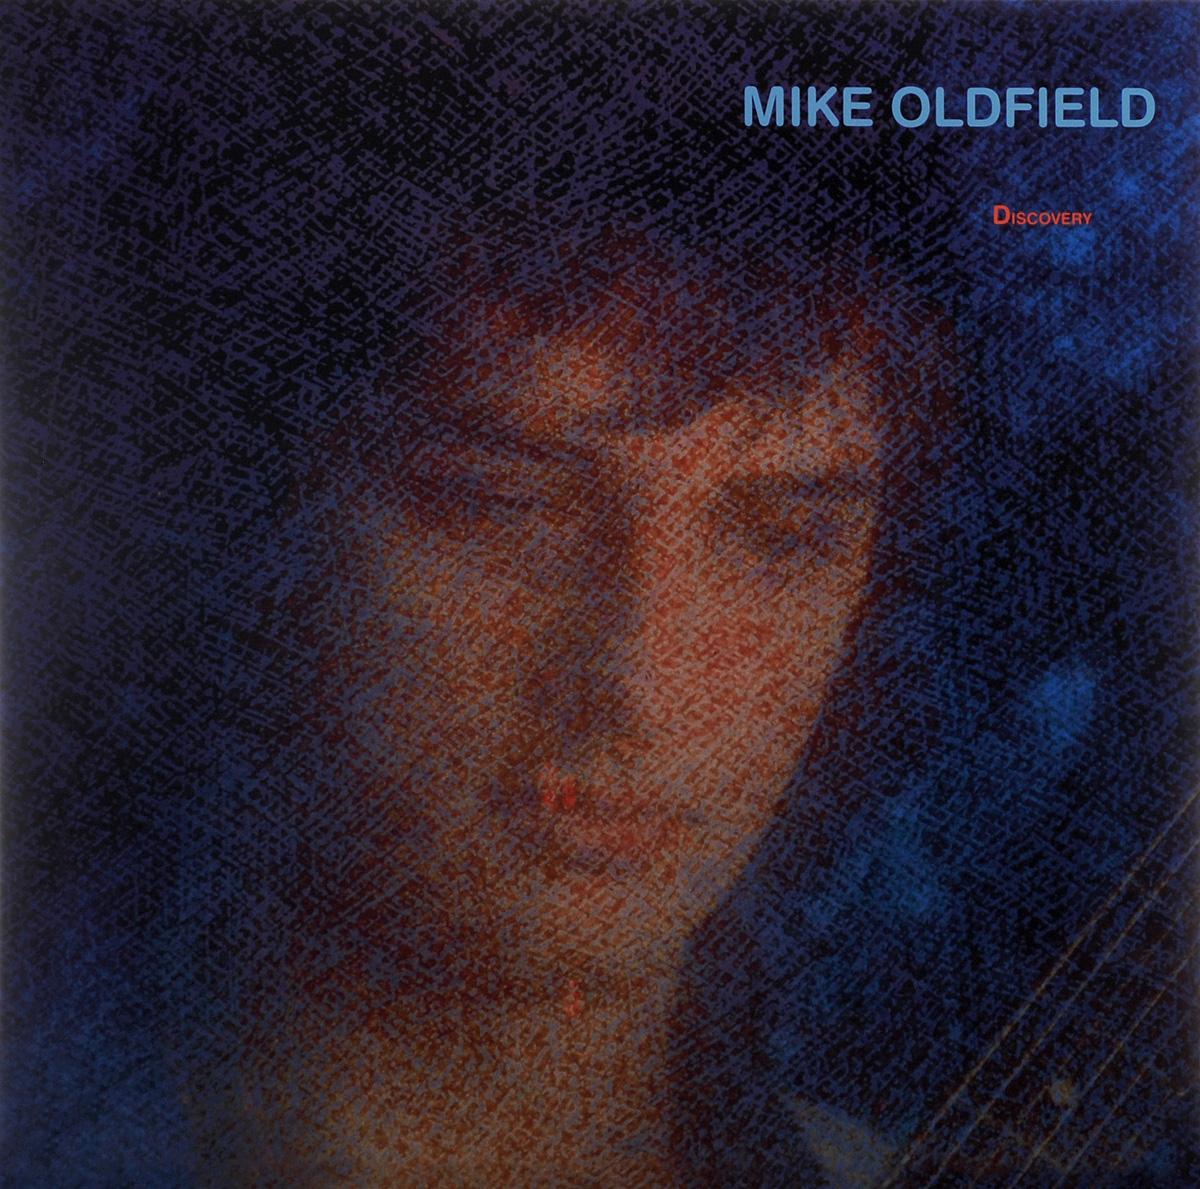 Майк Олдфилд Mike Oldfield. Discovery (LP) майк олдфилд mike oldfield hergest ridge deluxe edition 2 cd dvd